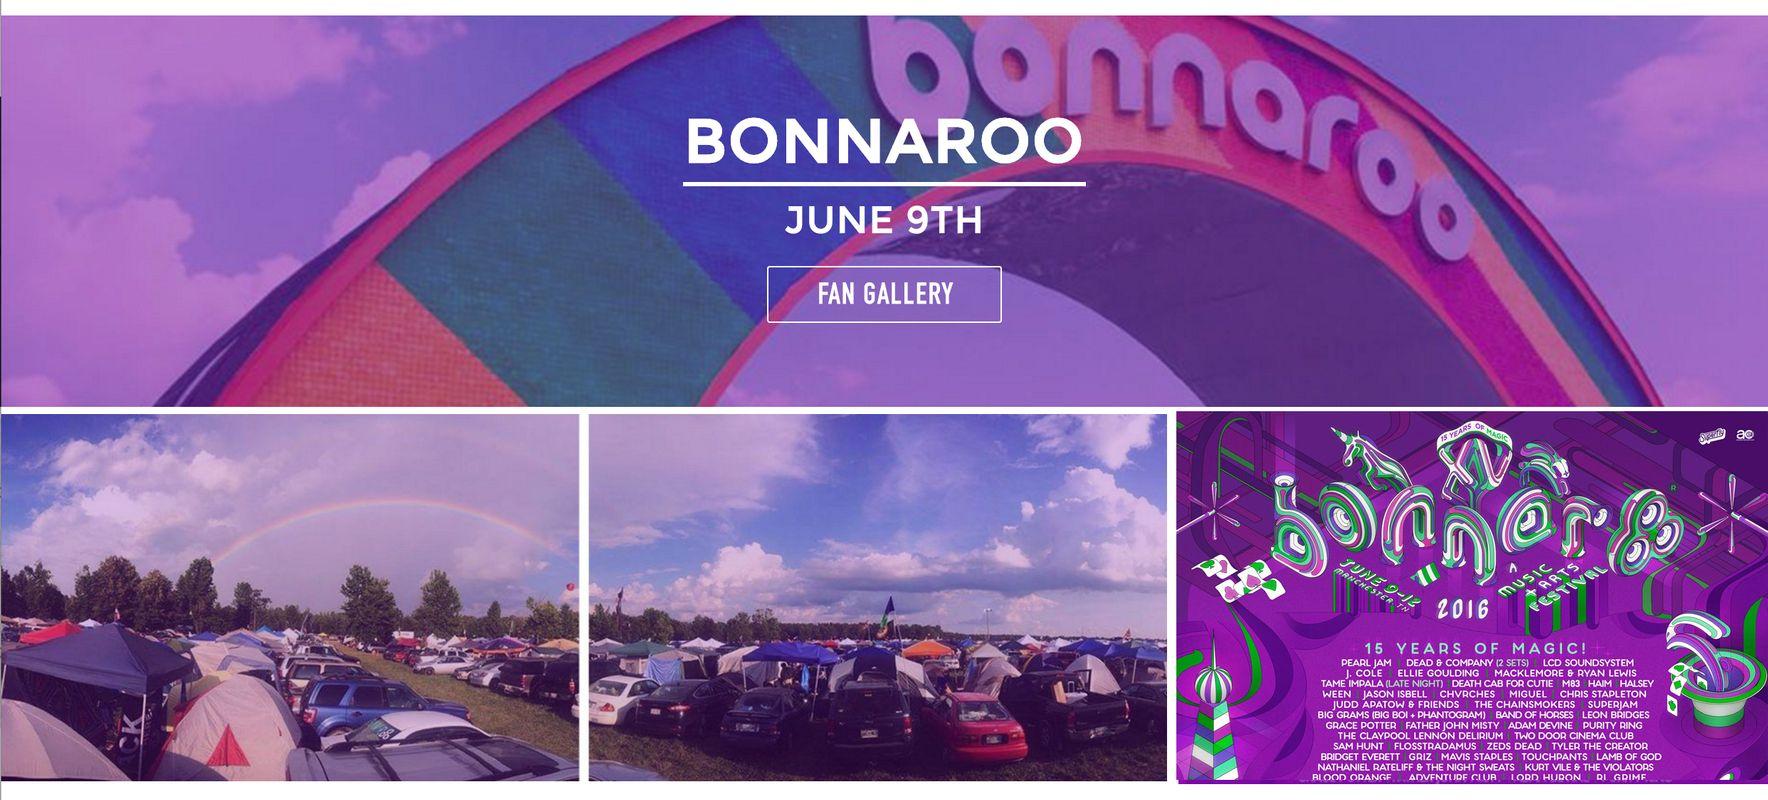 Bonnaroo Fan Gallery